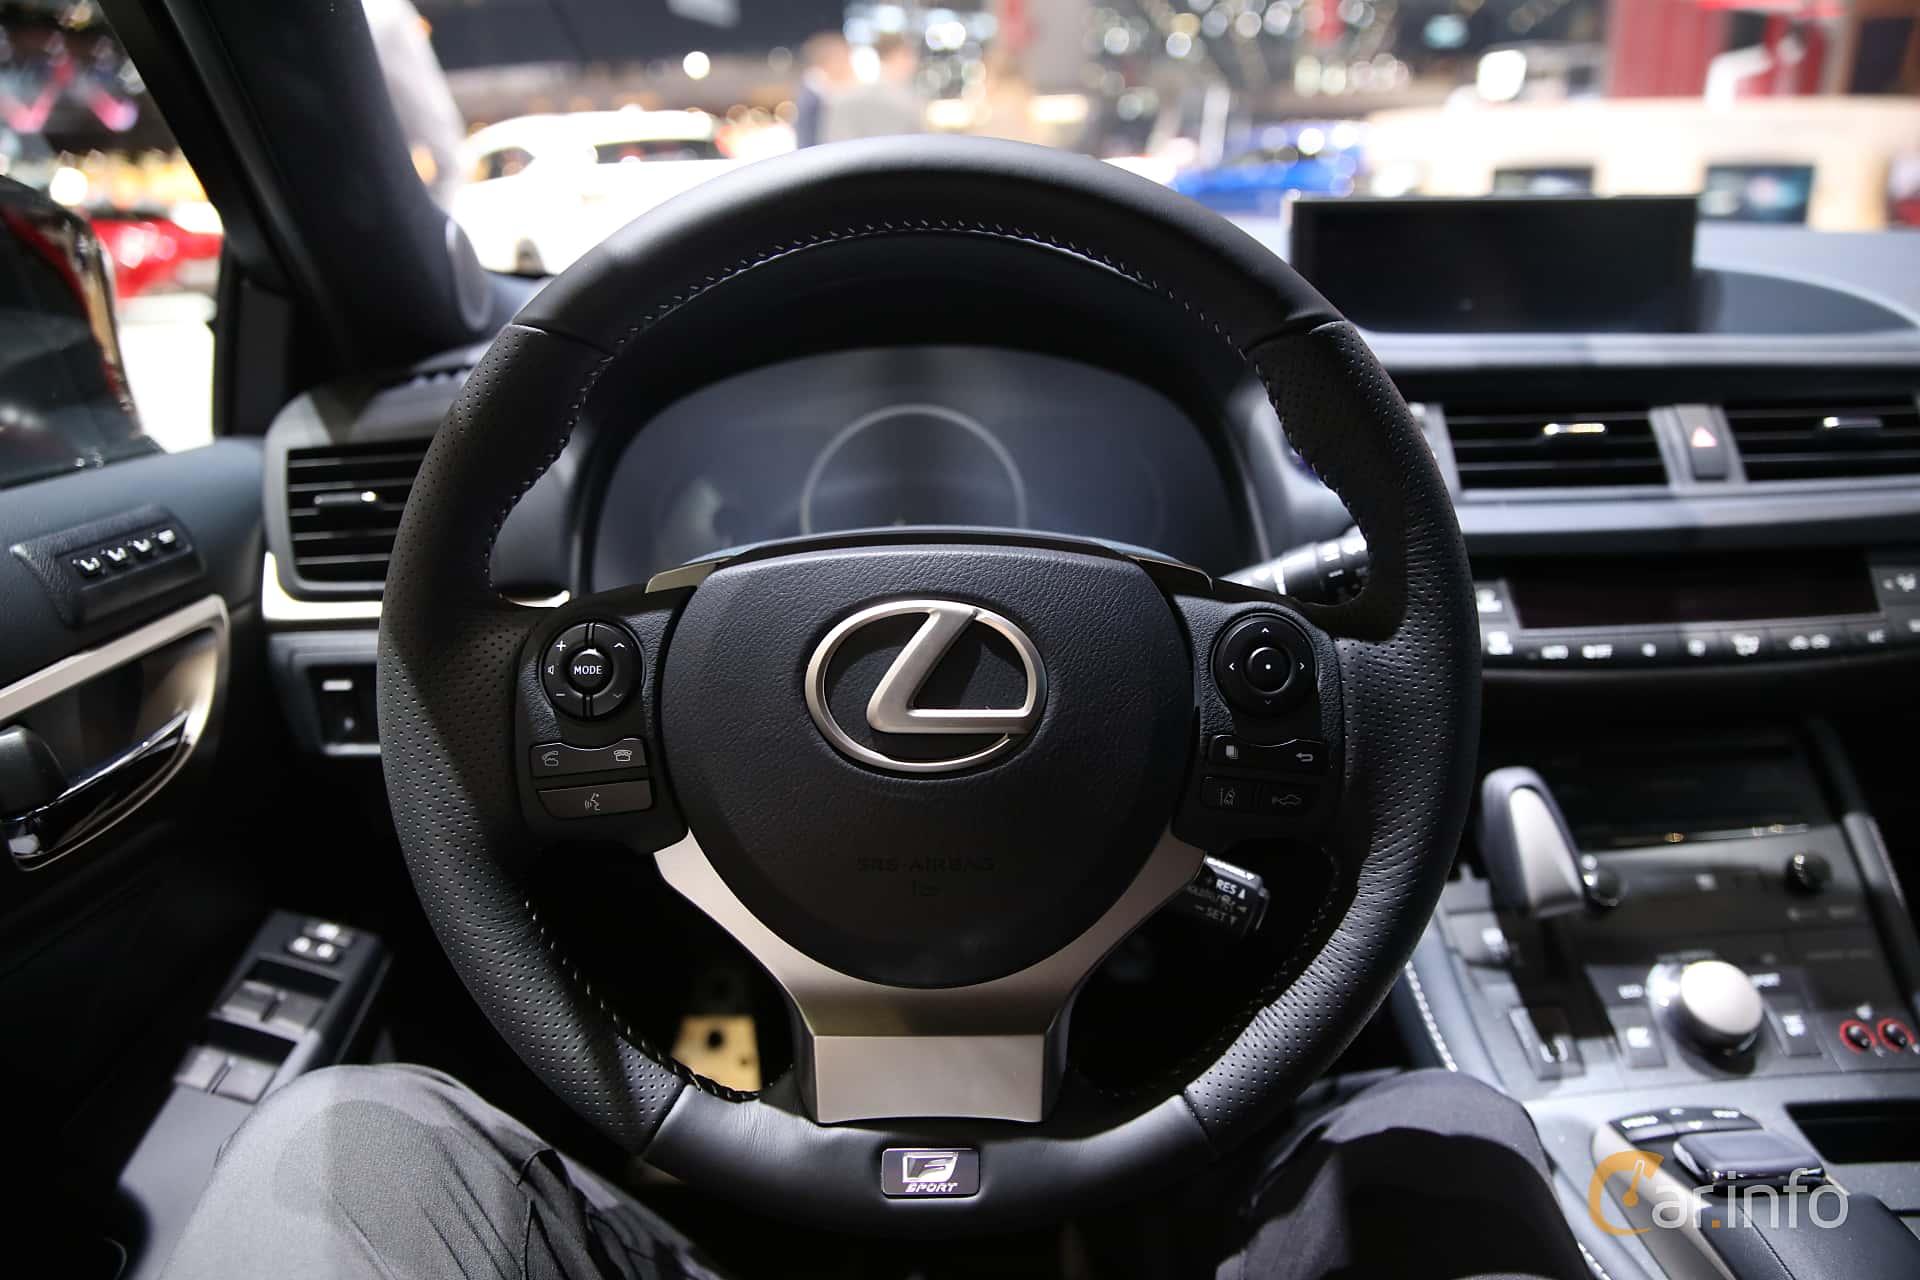 lexus ct200h 2019 interior